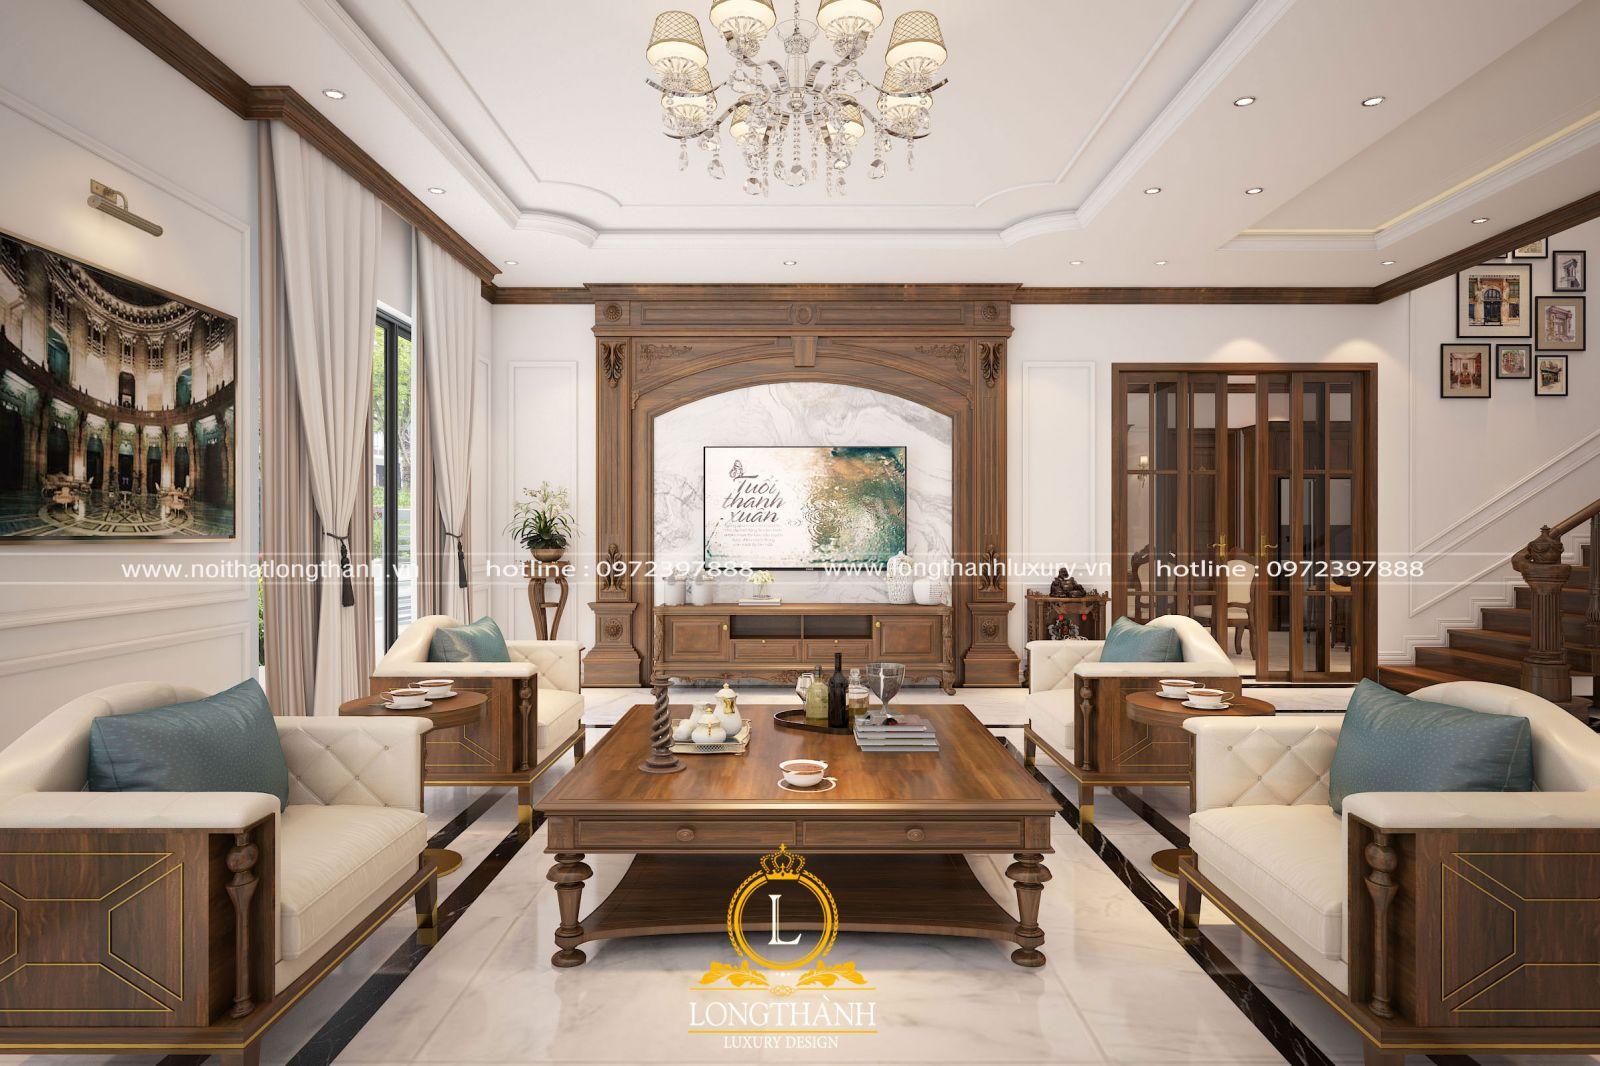 Thiết kế phòng khách đẹp hiện đại và thanh lịch